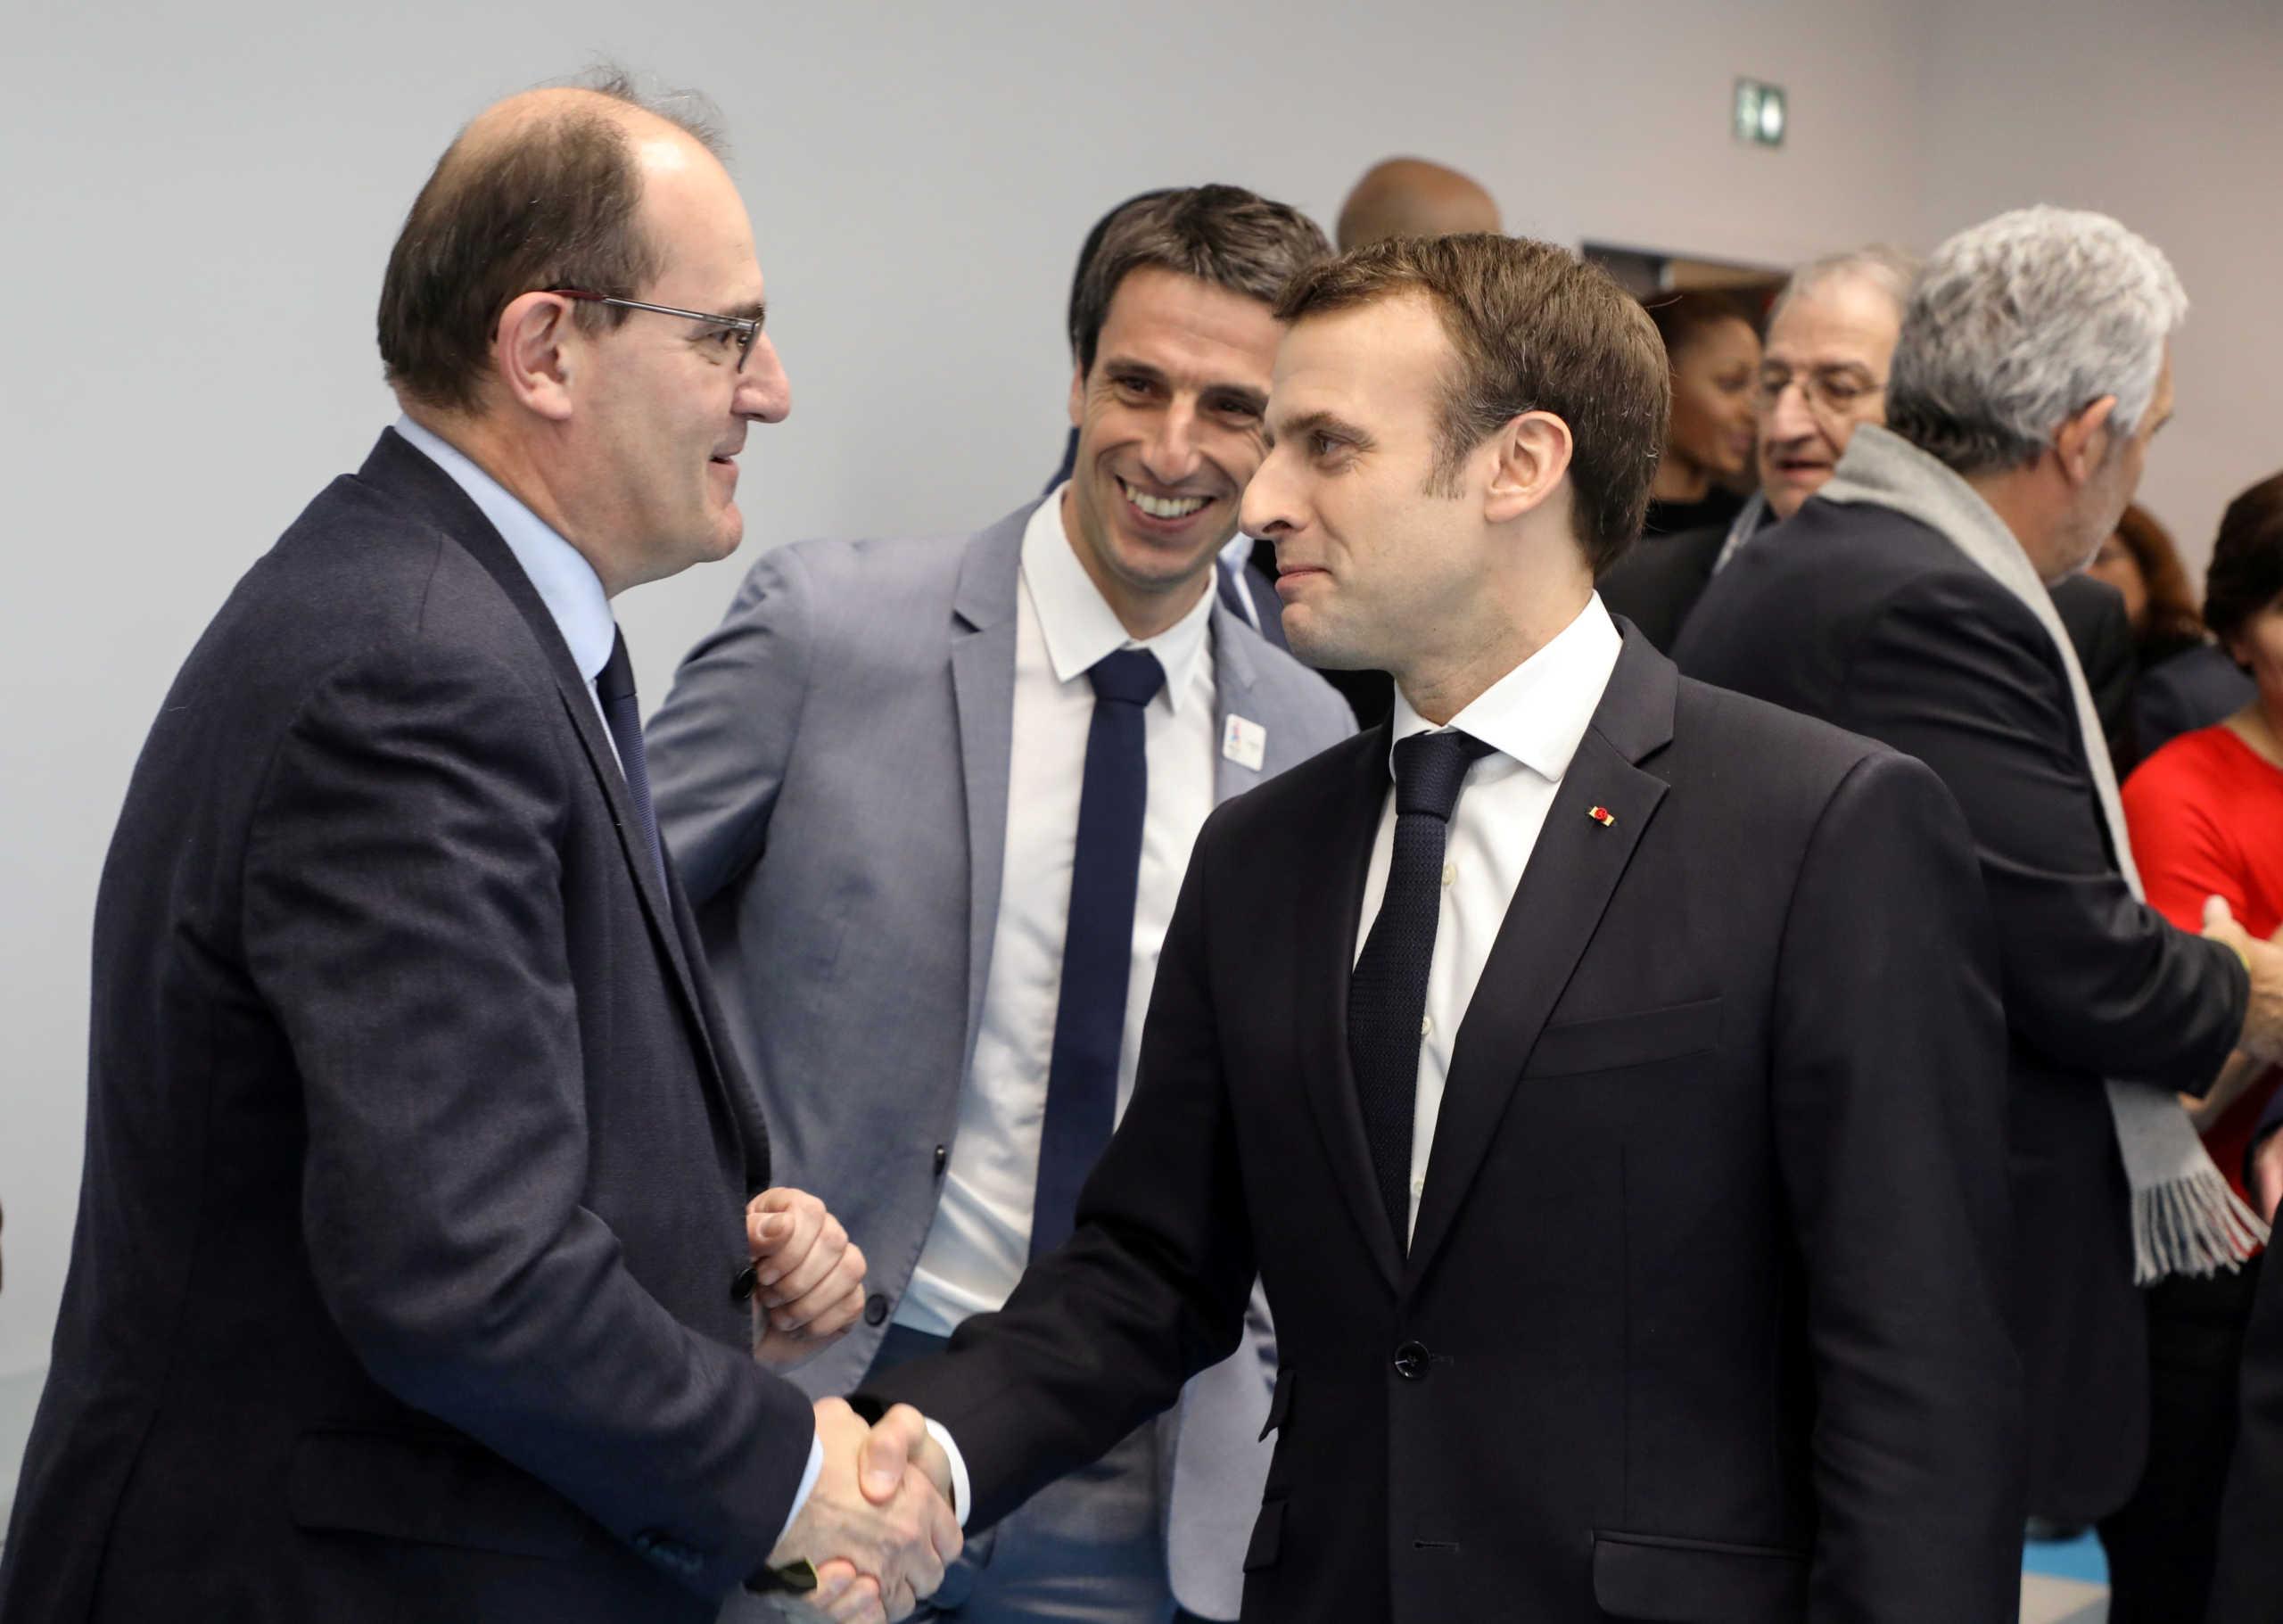 Ο Ζαν Καστέξ είναι ο νέος πρωθυπουργός της Γαλλίας